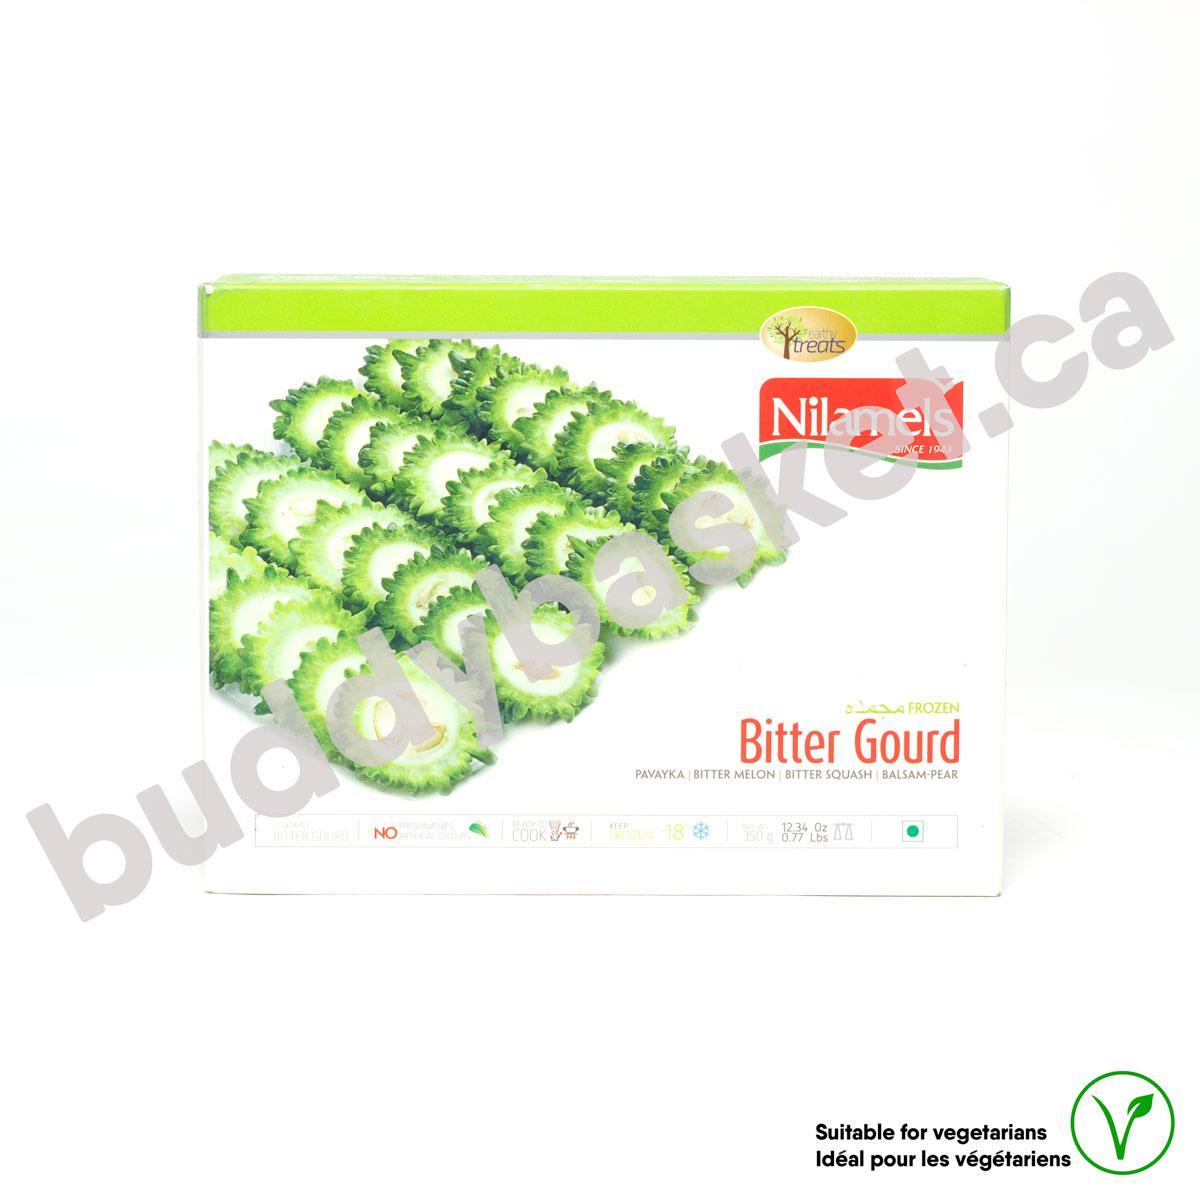 Nilamels Bitter gourd 350g